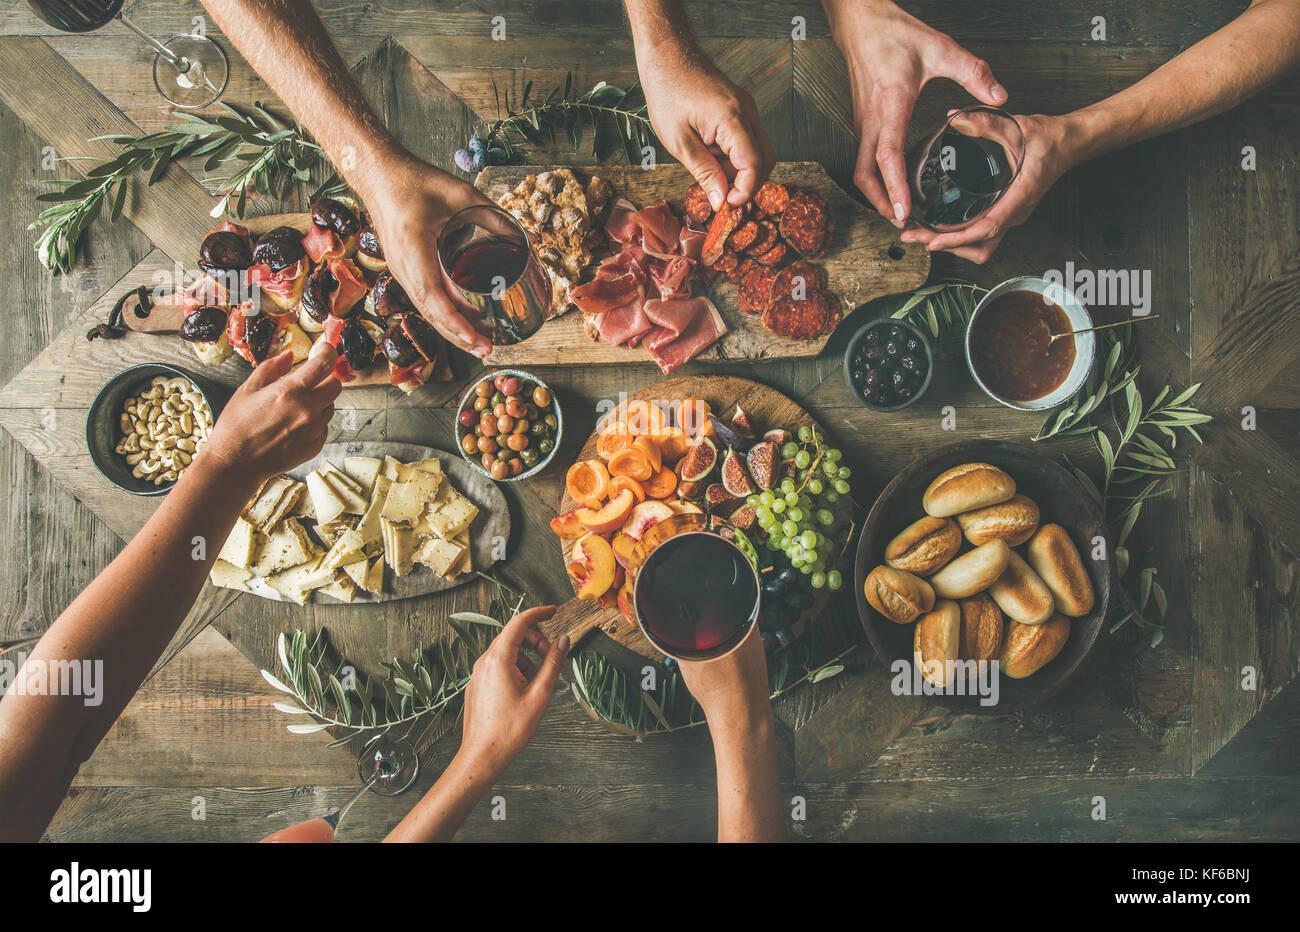 Vista dall'alto di persone bere e mangiare insieme sopra il tavolo Immagini Stock